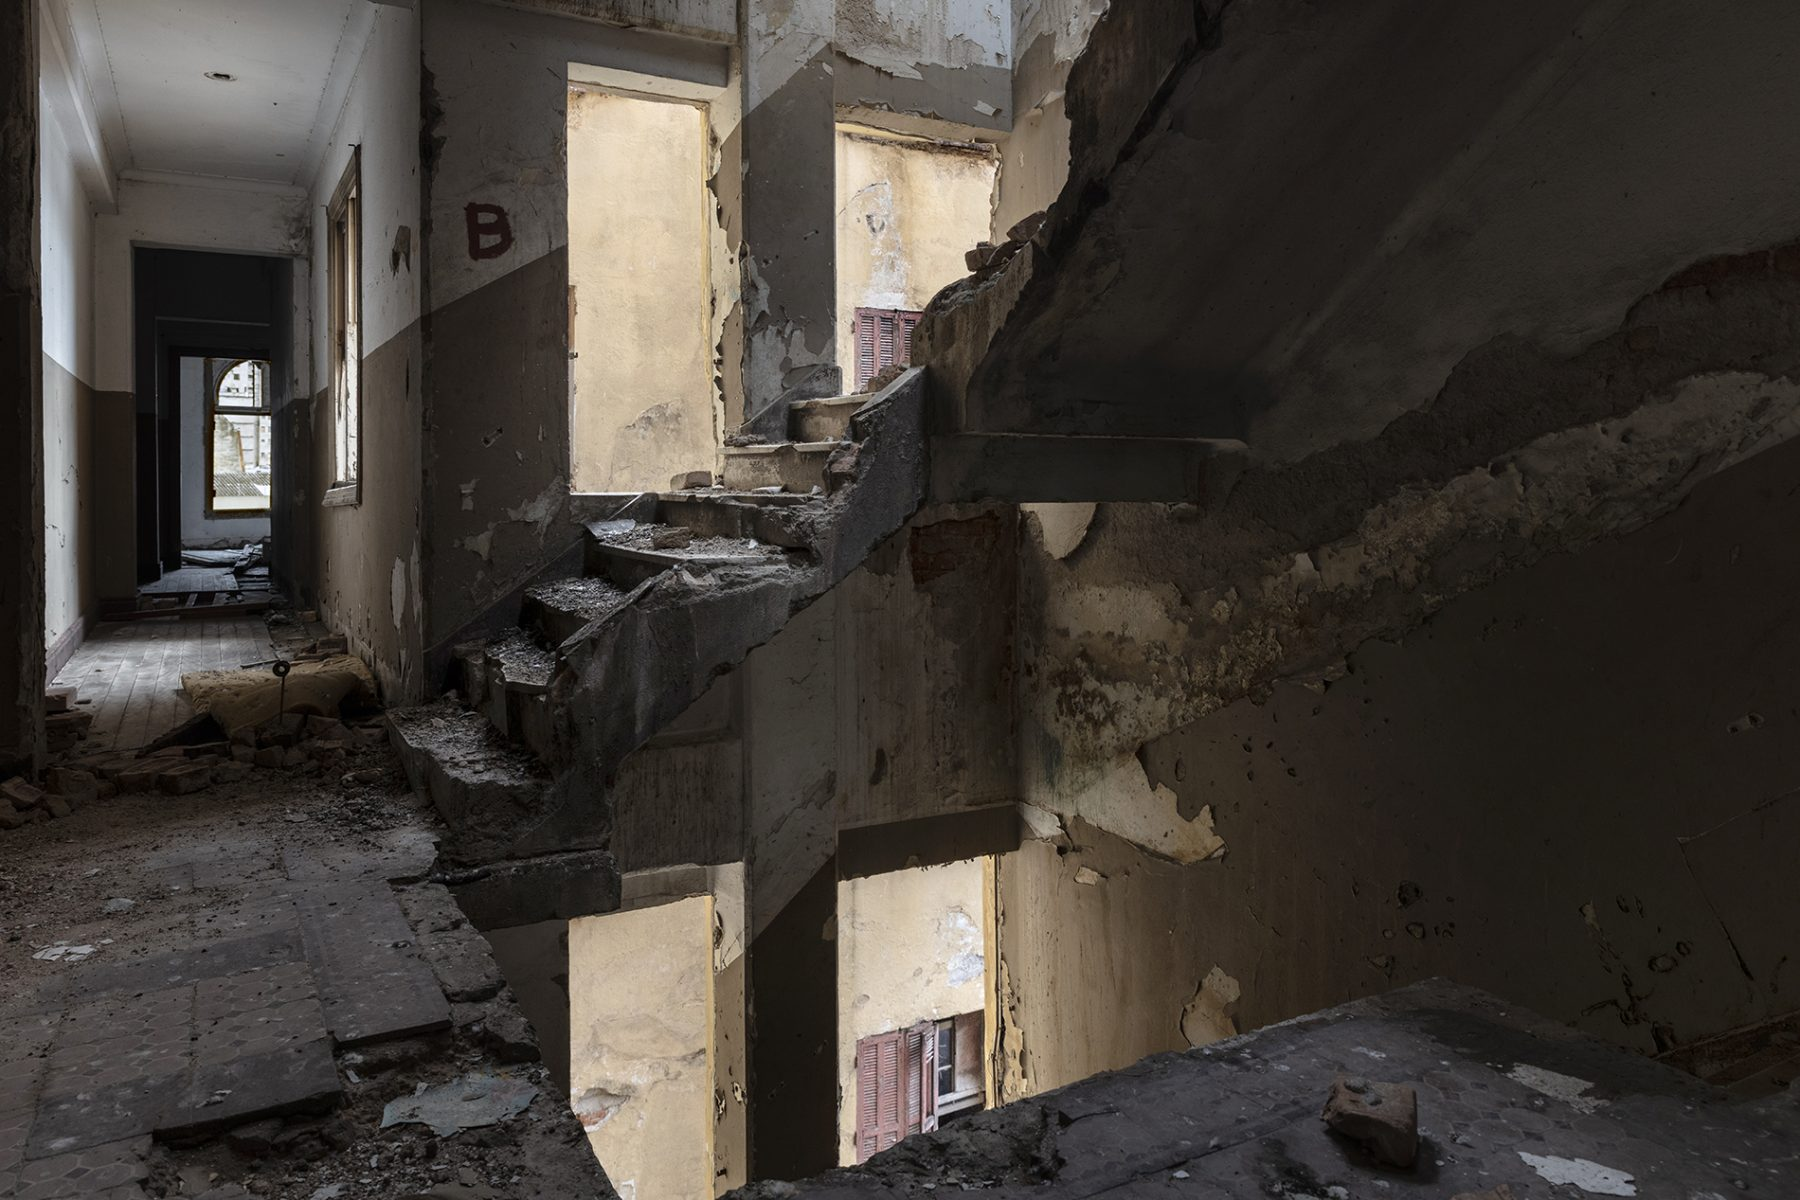 Photo couleur de Gui Christ de sa série Fissura. Une maison en décomposition abandonnée à São Paulo